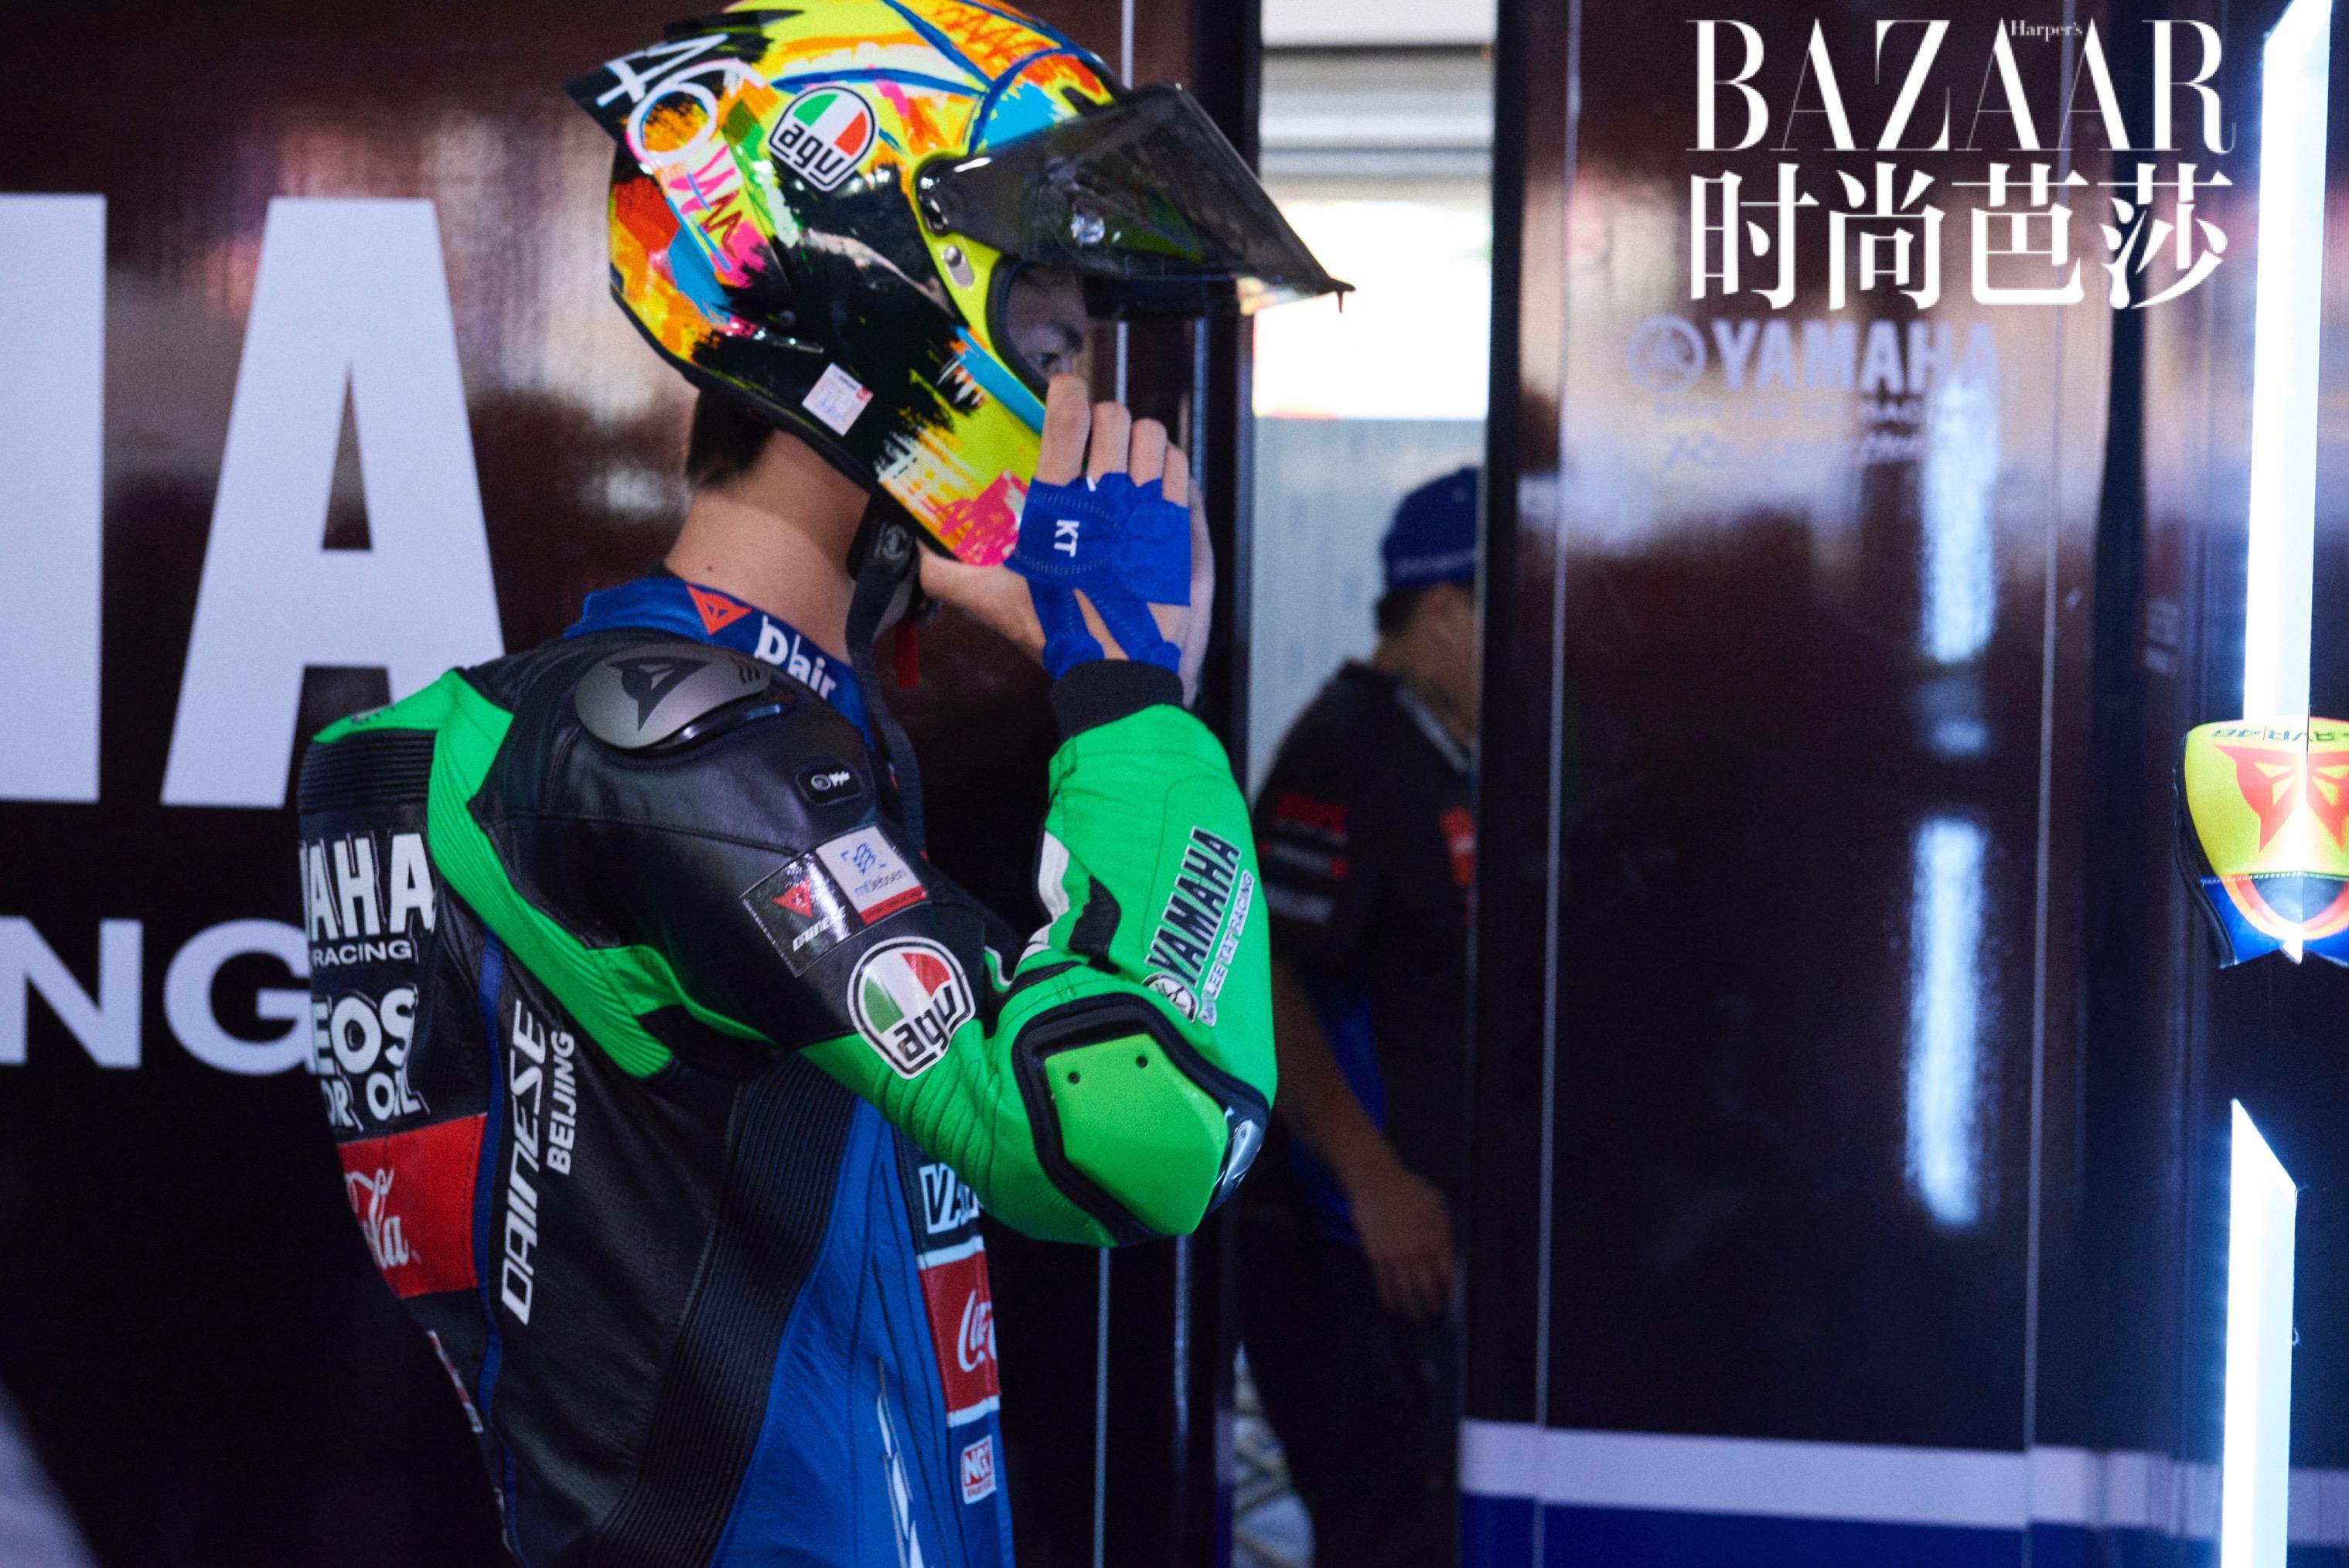 什么摩托赛车好_高燃!王一博获亚洲摩托车锦标赛新秀组双回合冠军 将热爱做到 ...